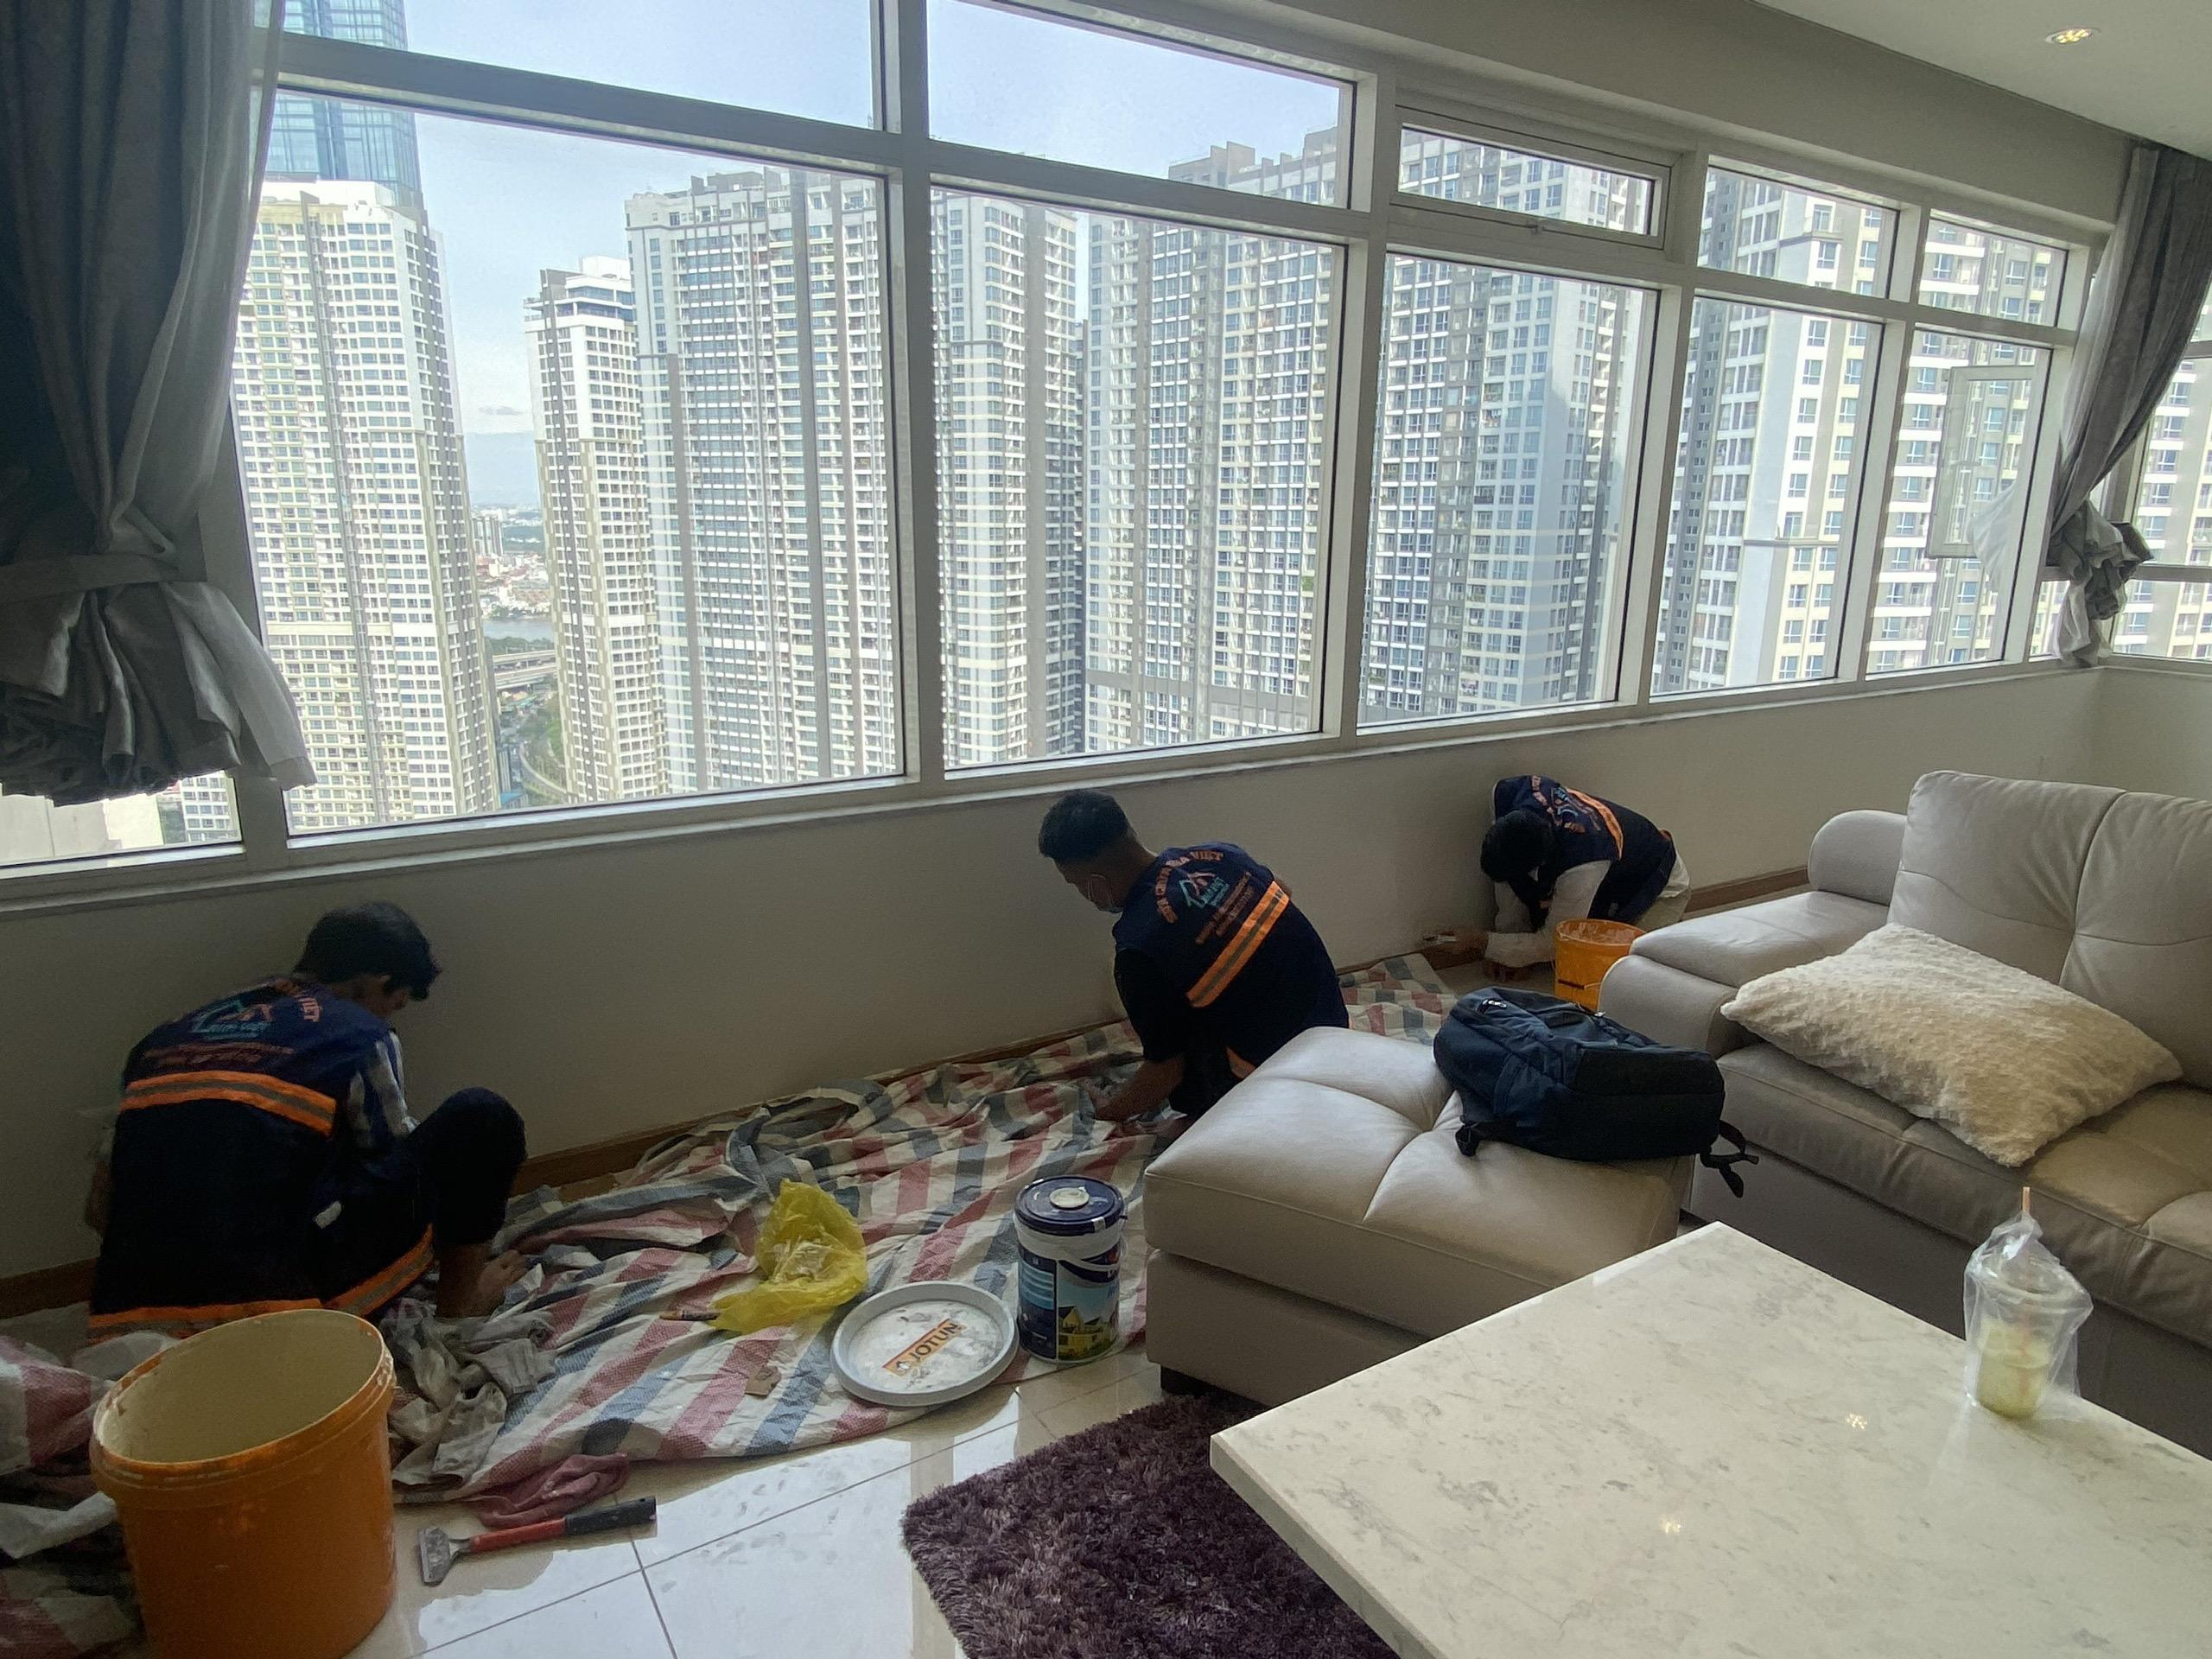 thi cong son nuoc gia re 1 - Thi công sơn nước giá rẻ, chất lượng, tại Tp Hồ Chí Minh